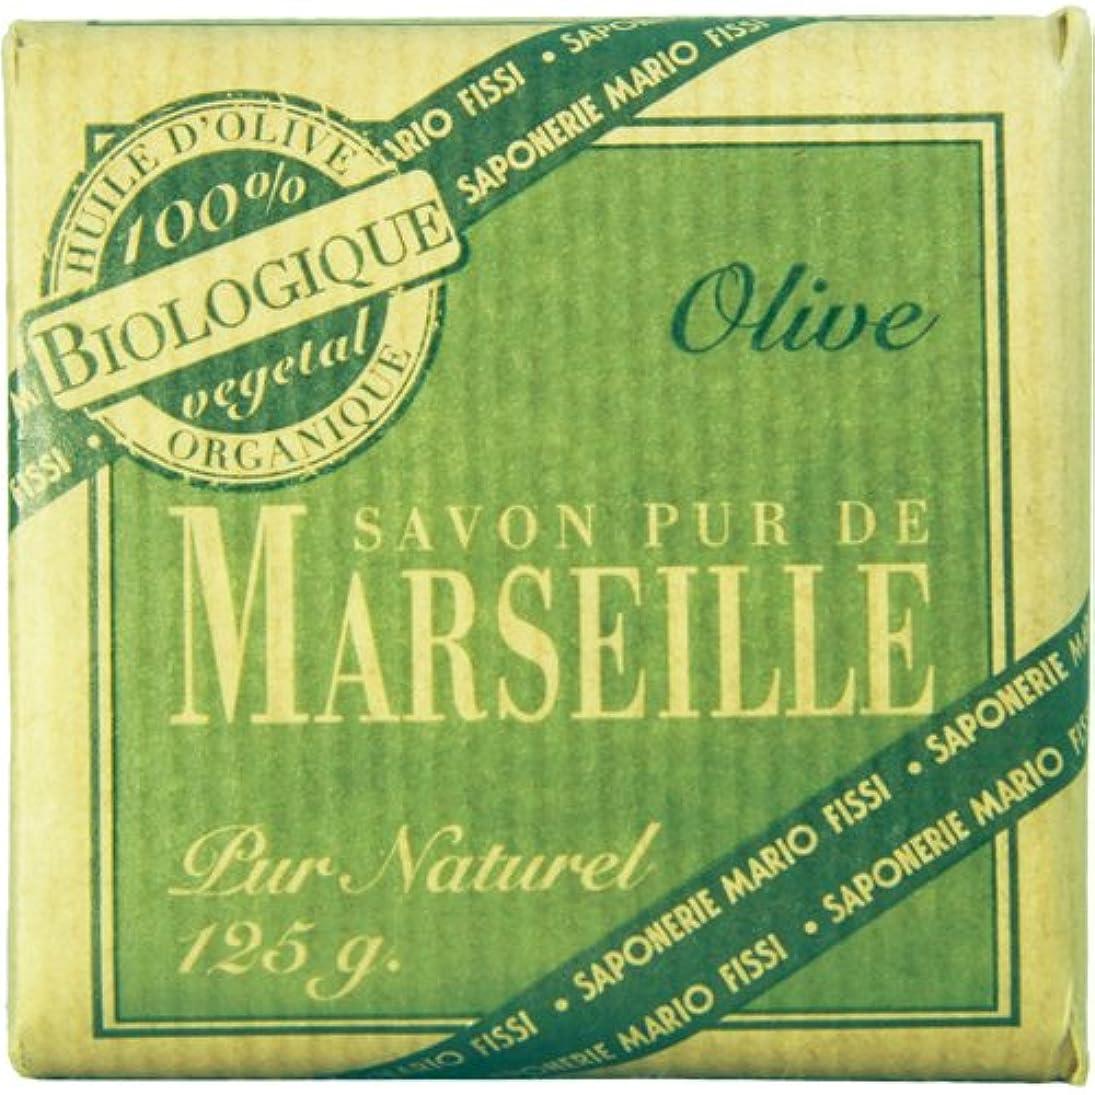 火薬大胆なマーカーSaponerire Fissi マルセイユシリーズ マルセイユソープ 125g Olive オリーブ